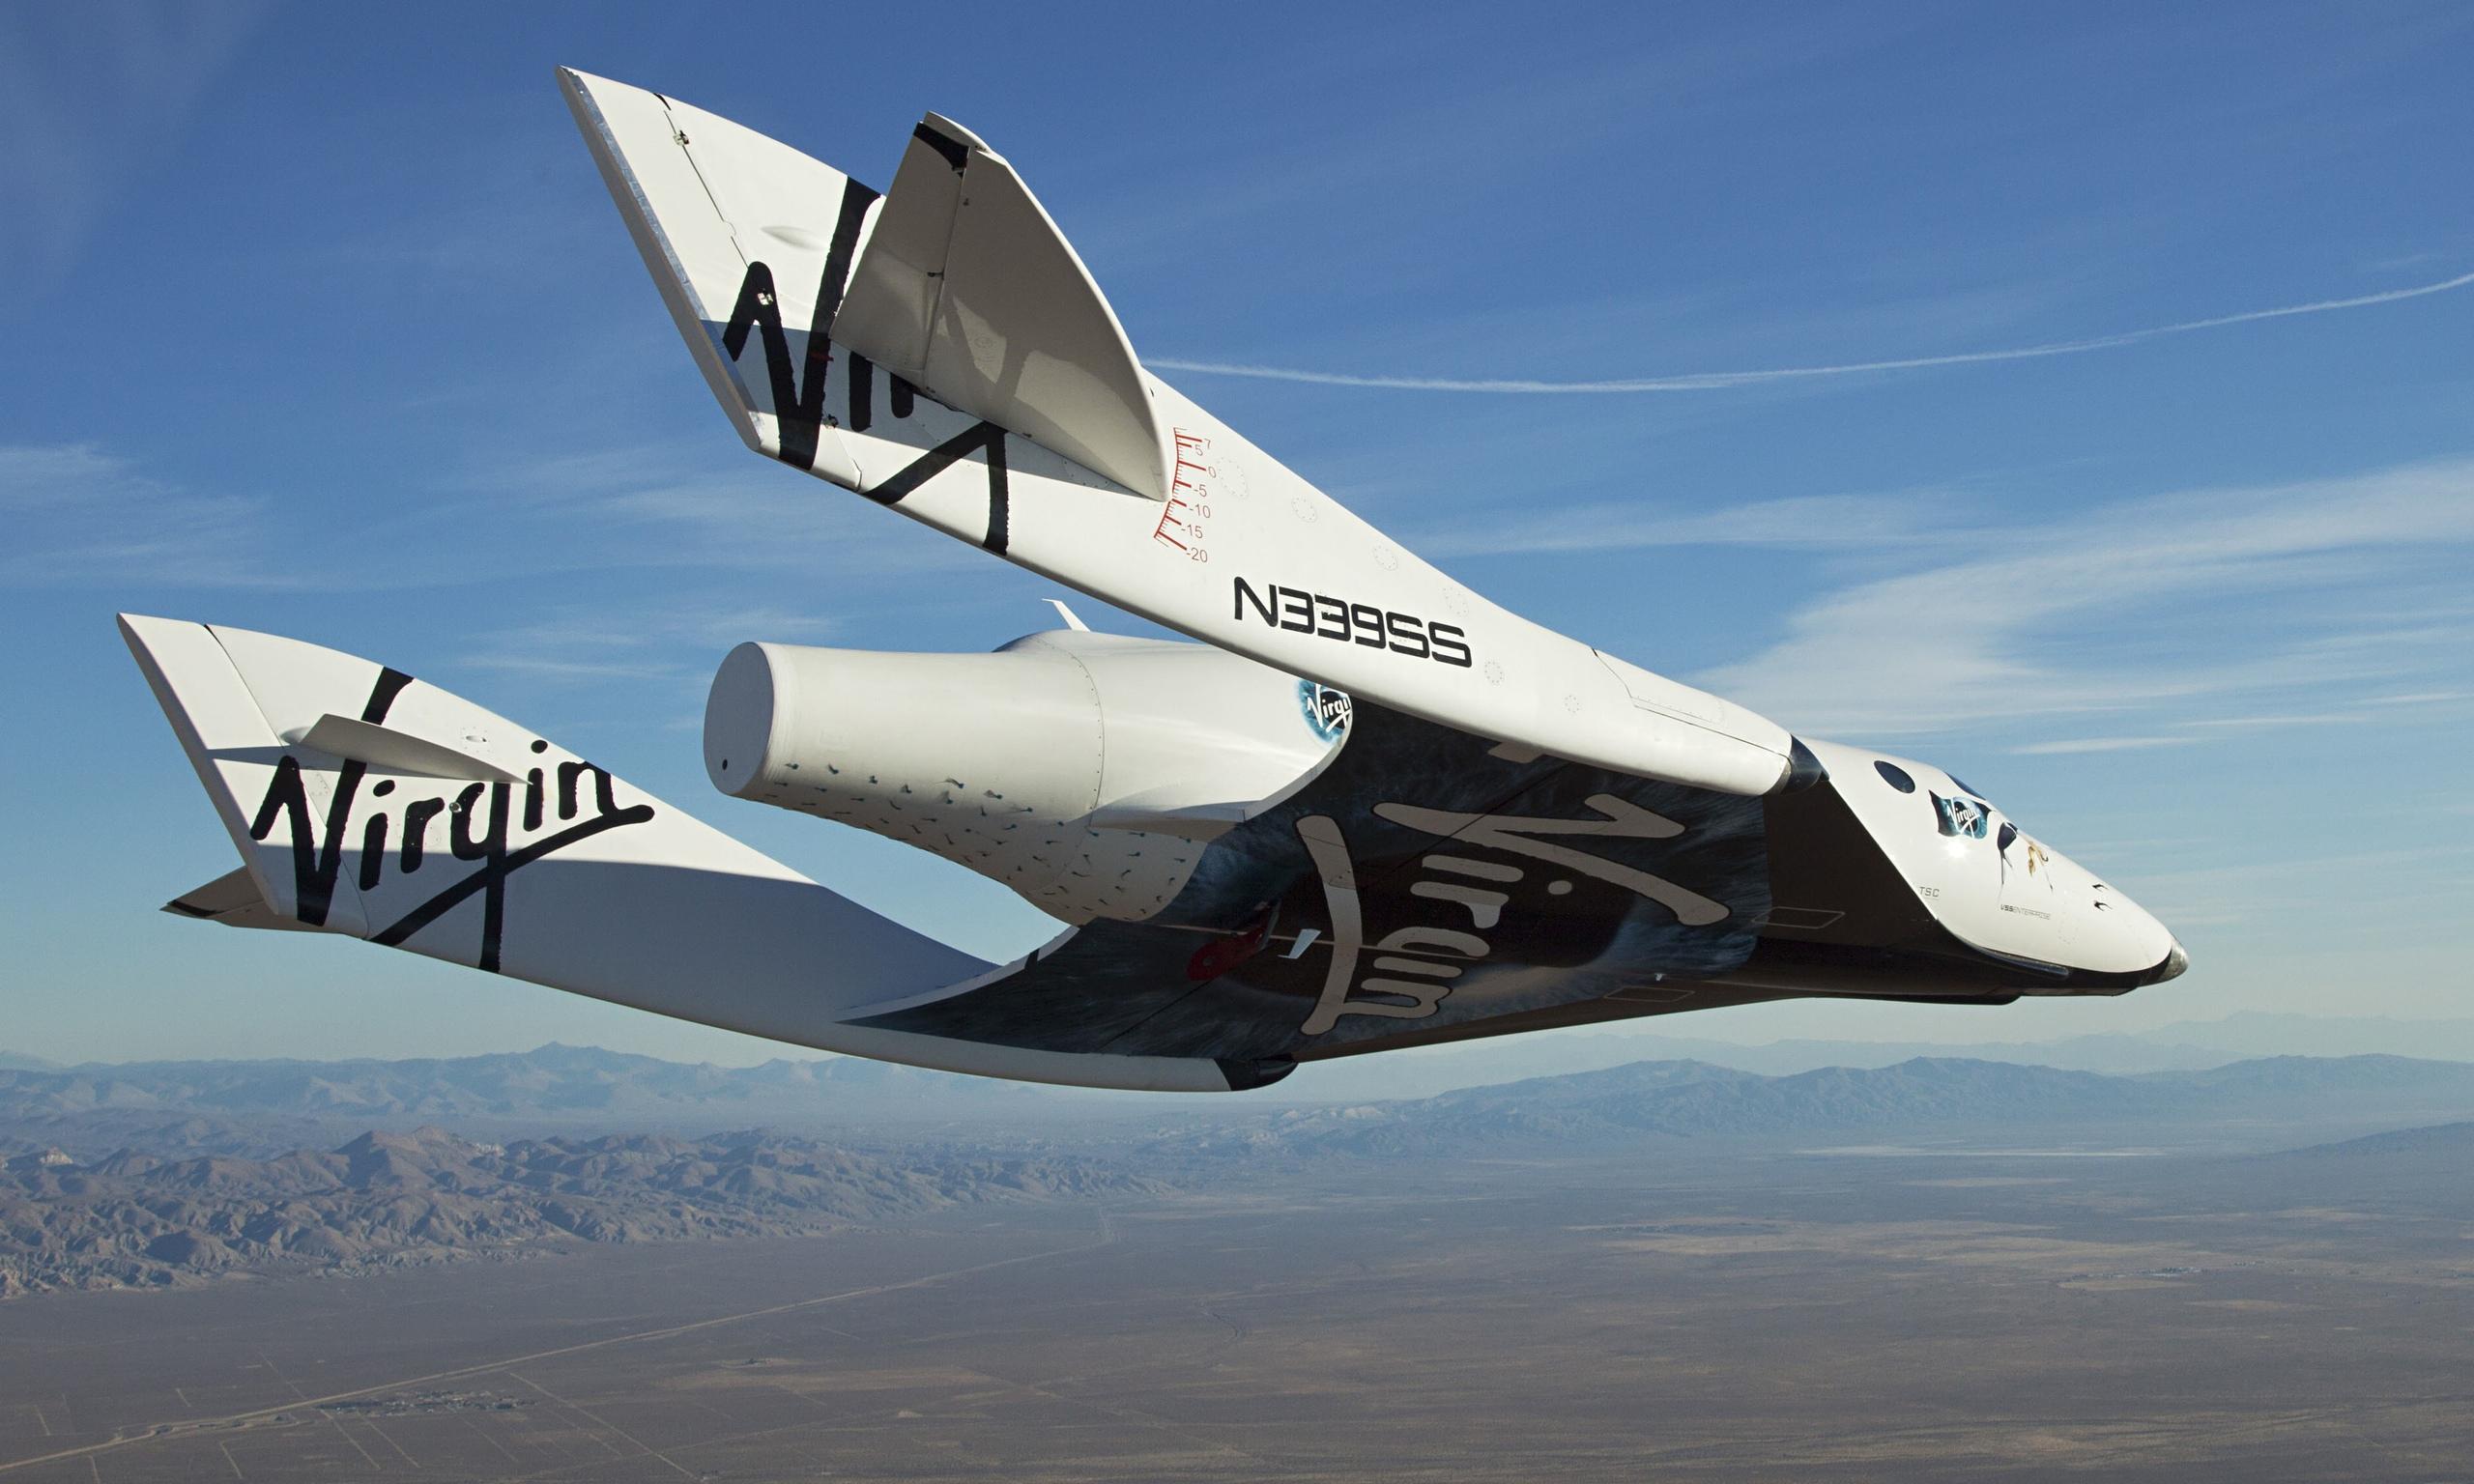 Επιτυχής η πρώτη δοκιμαστική πτήση του διαστημικού τουριστικού σκάφους της Virgin Galactic